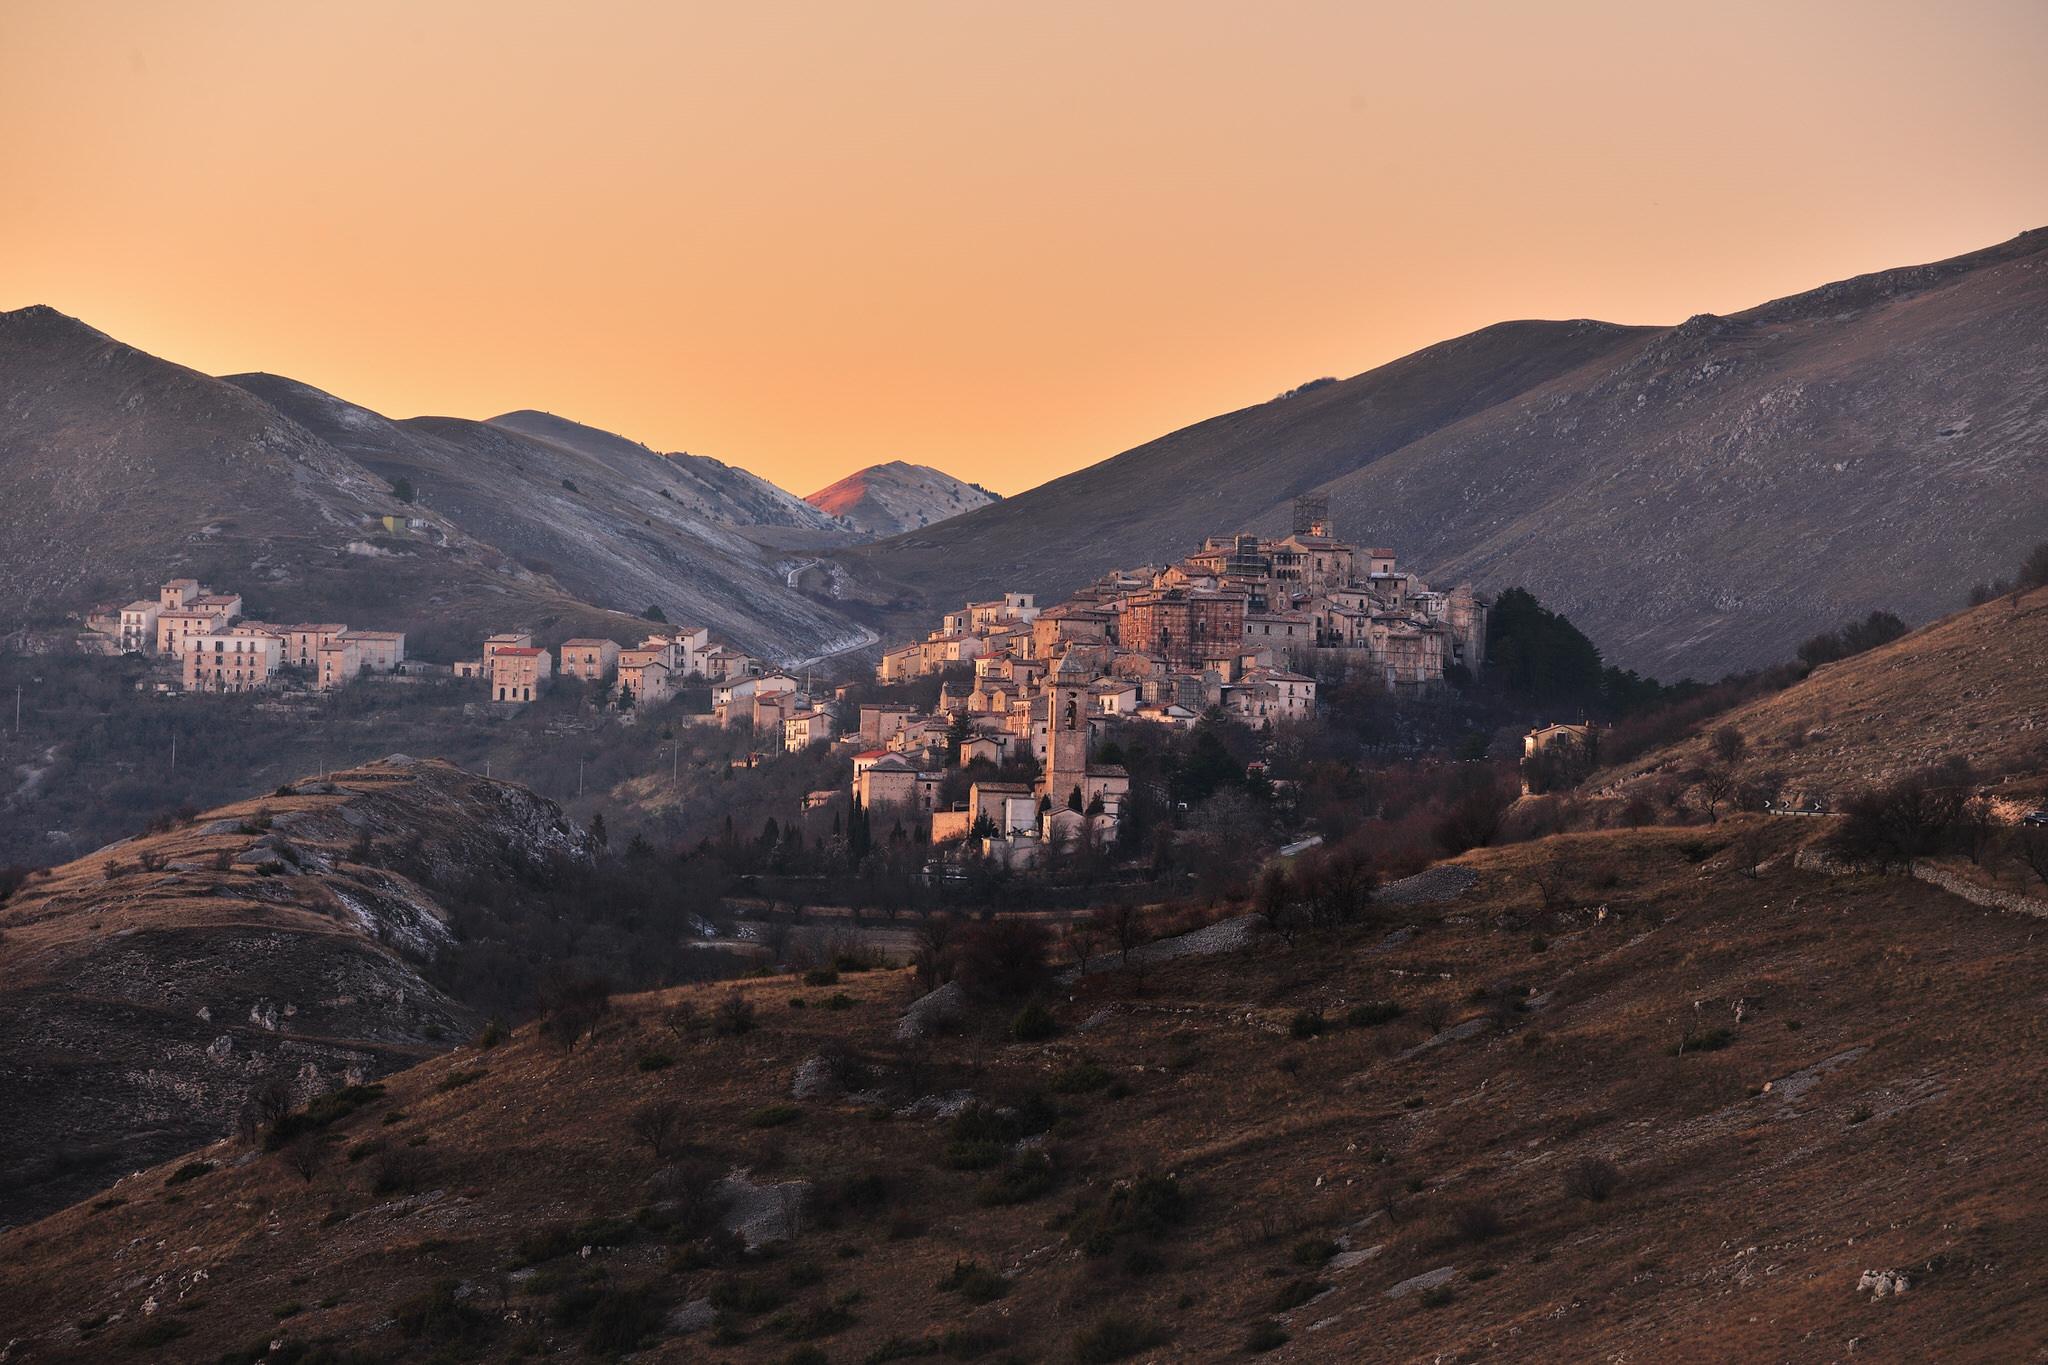 The Town of Santo Stefano di Sessanio